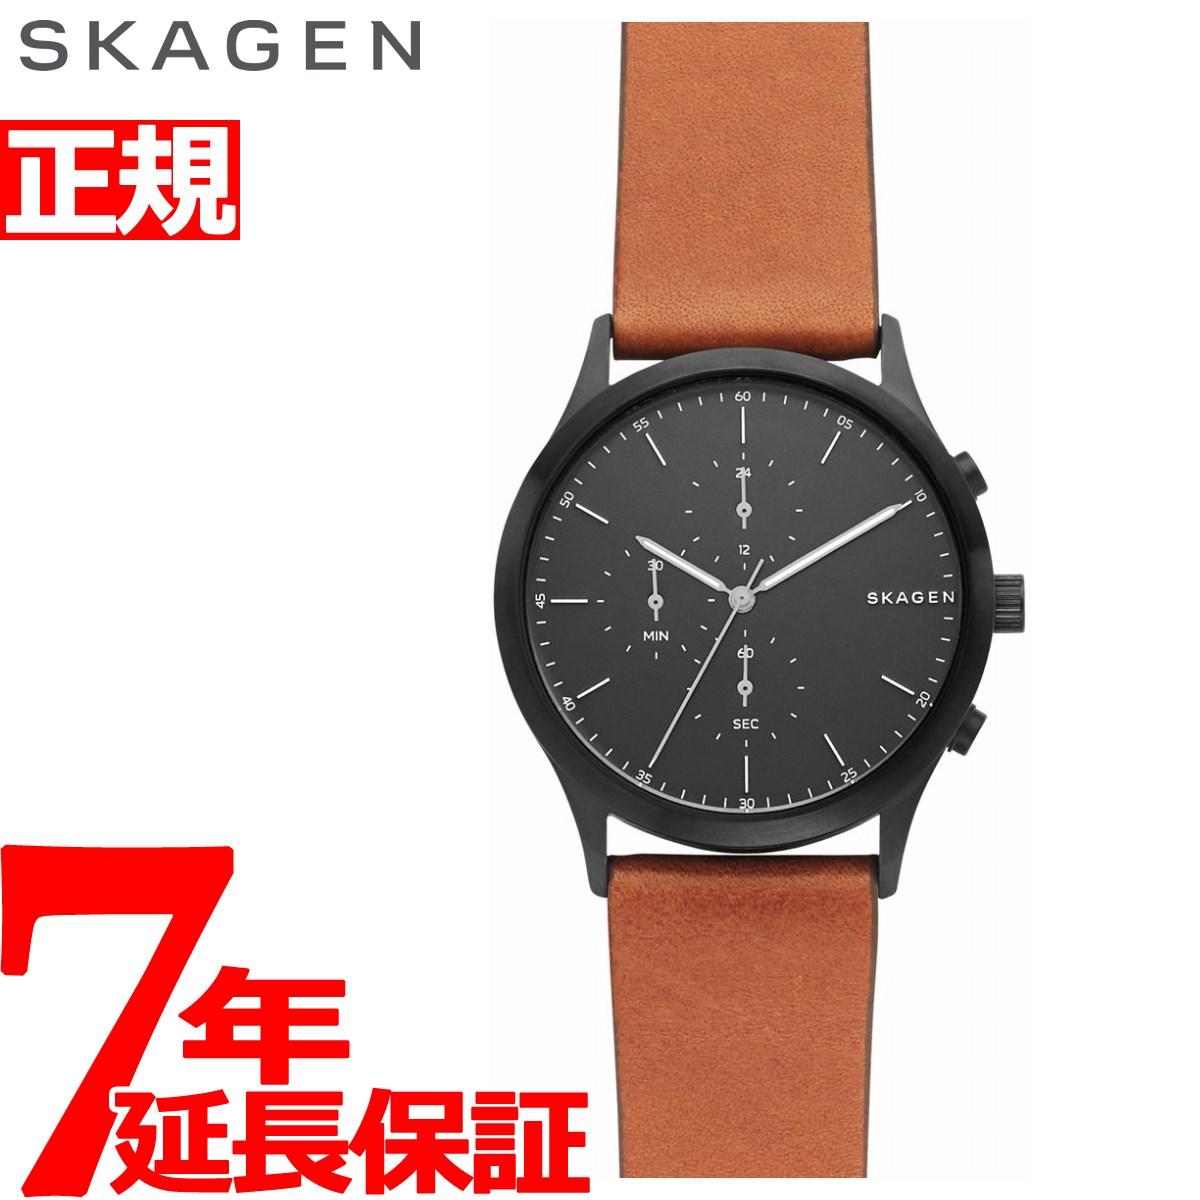 スカーゲン SKAGEN 腕時計 メンズ ヨーン JORN クロノグラフ SKW6477【2018 新作】